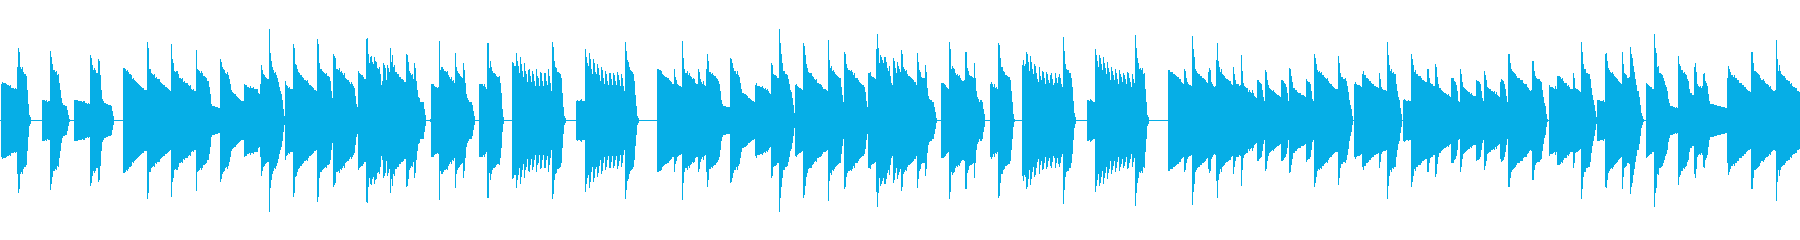 チップチューンのレトロゲーム調BGMの再生済みの波形